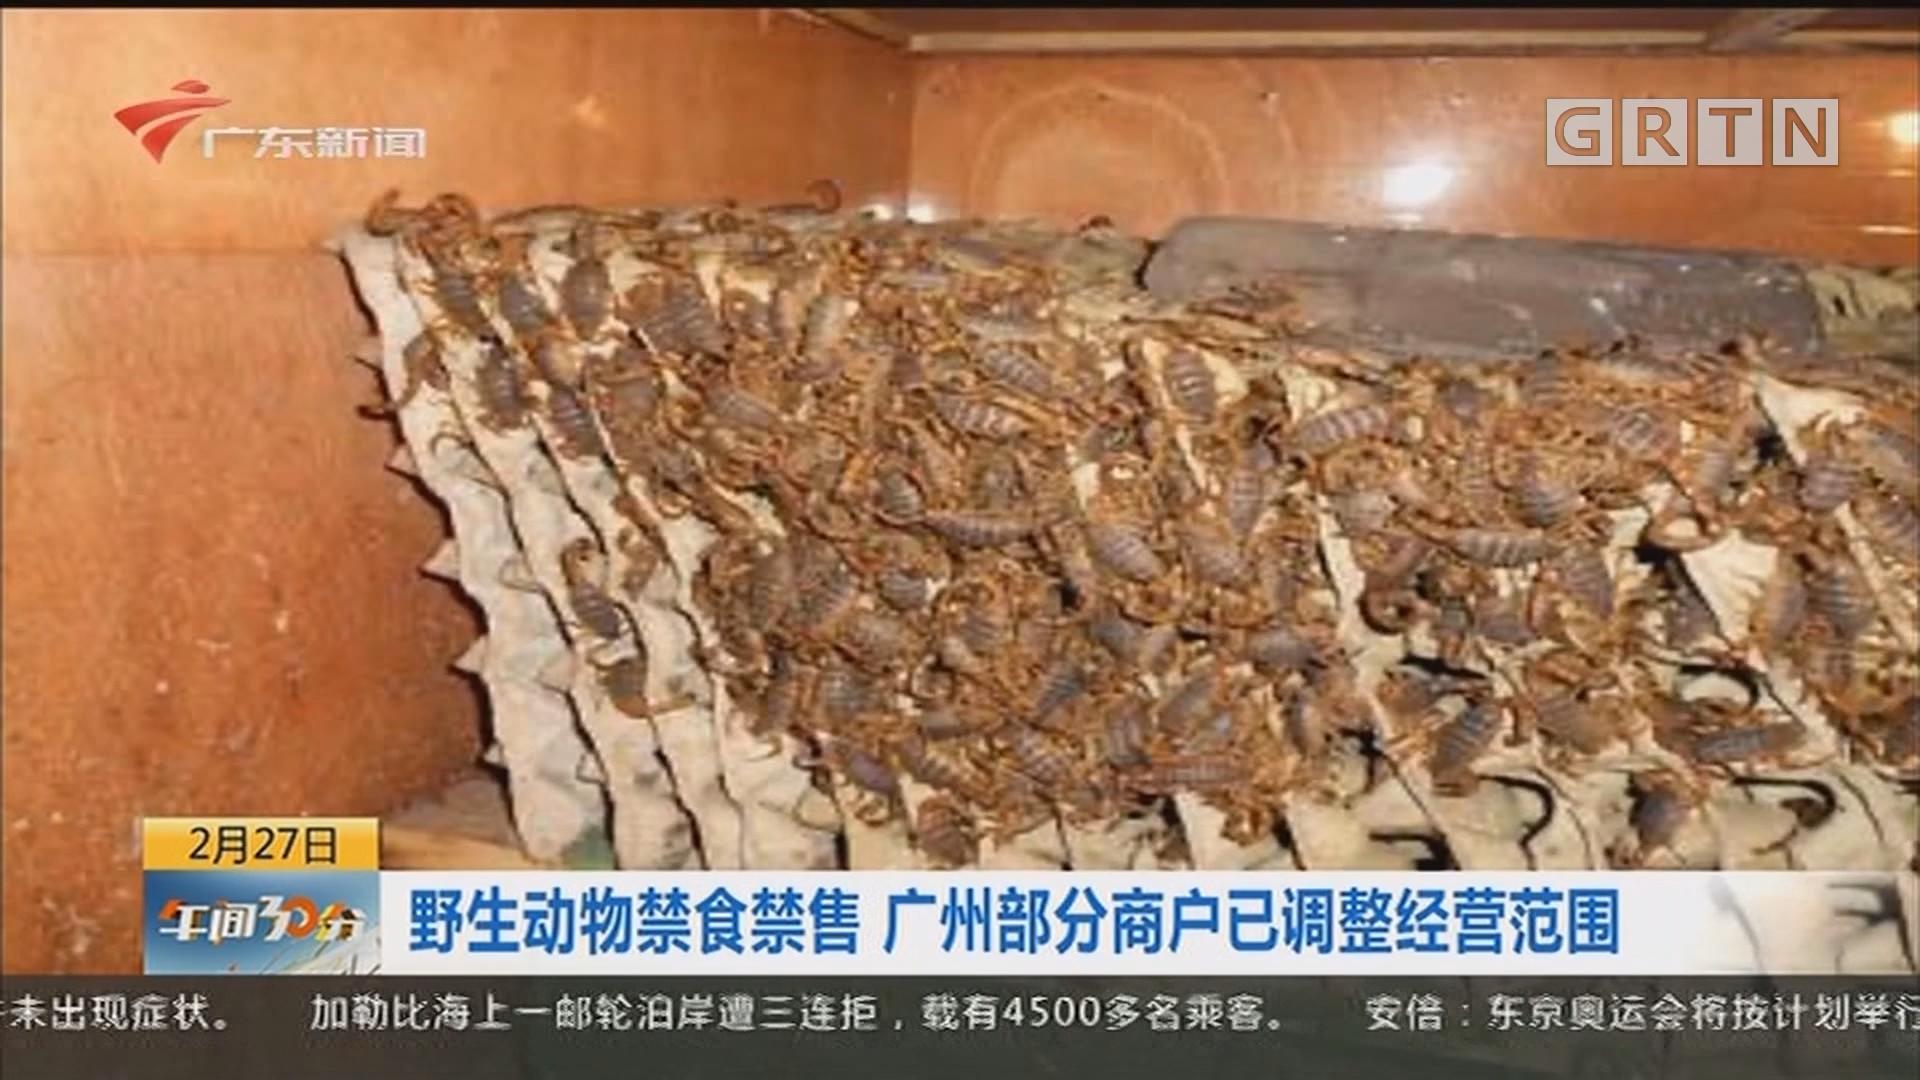 野生动物禁食禁售 广州部分商户已调整经营范围